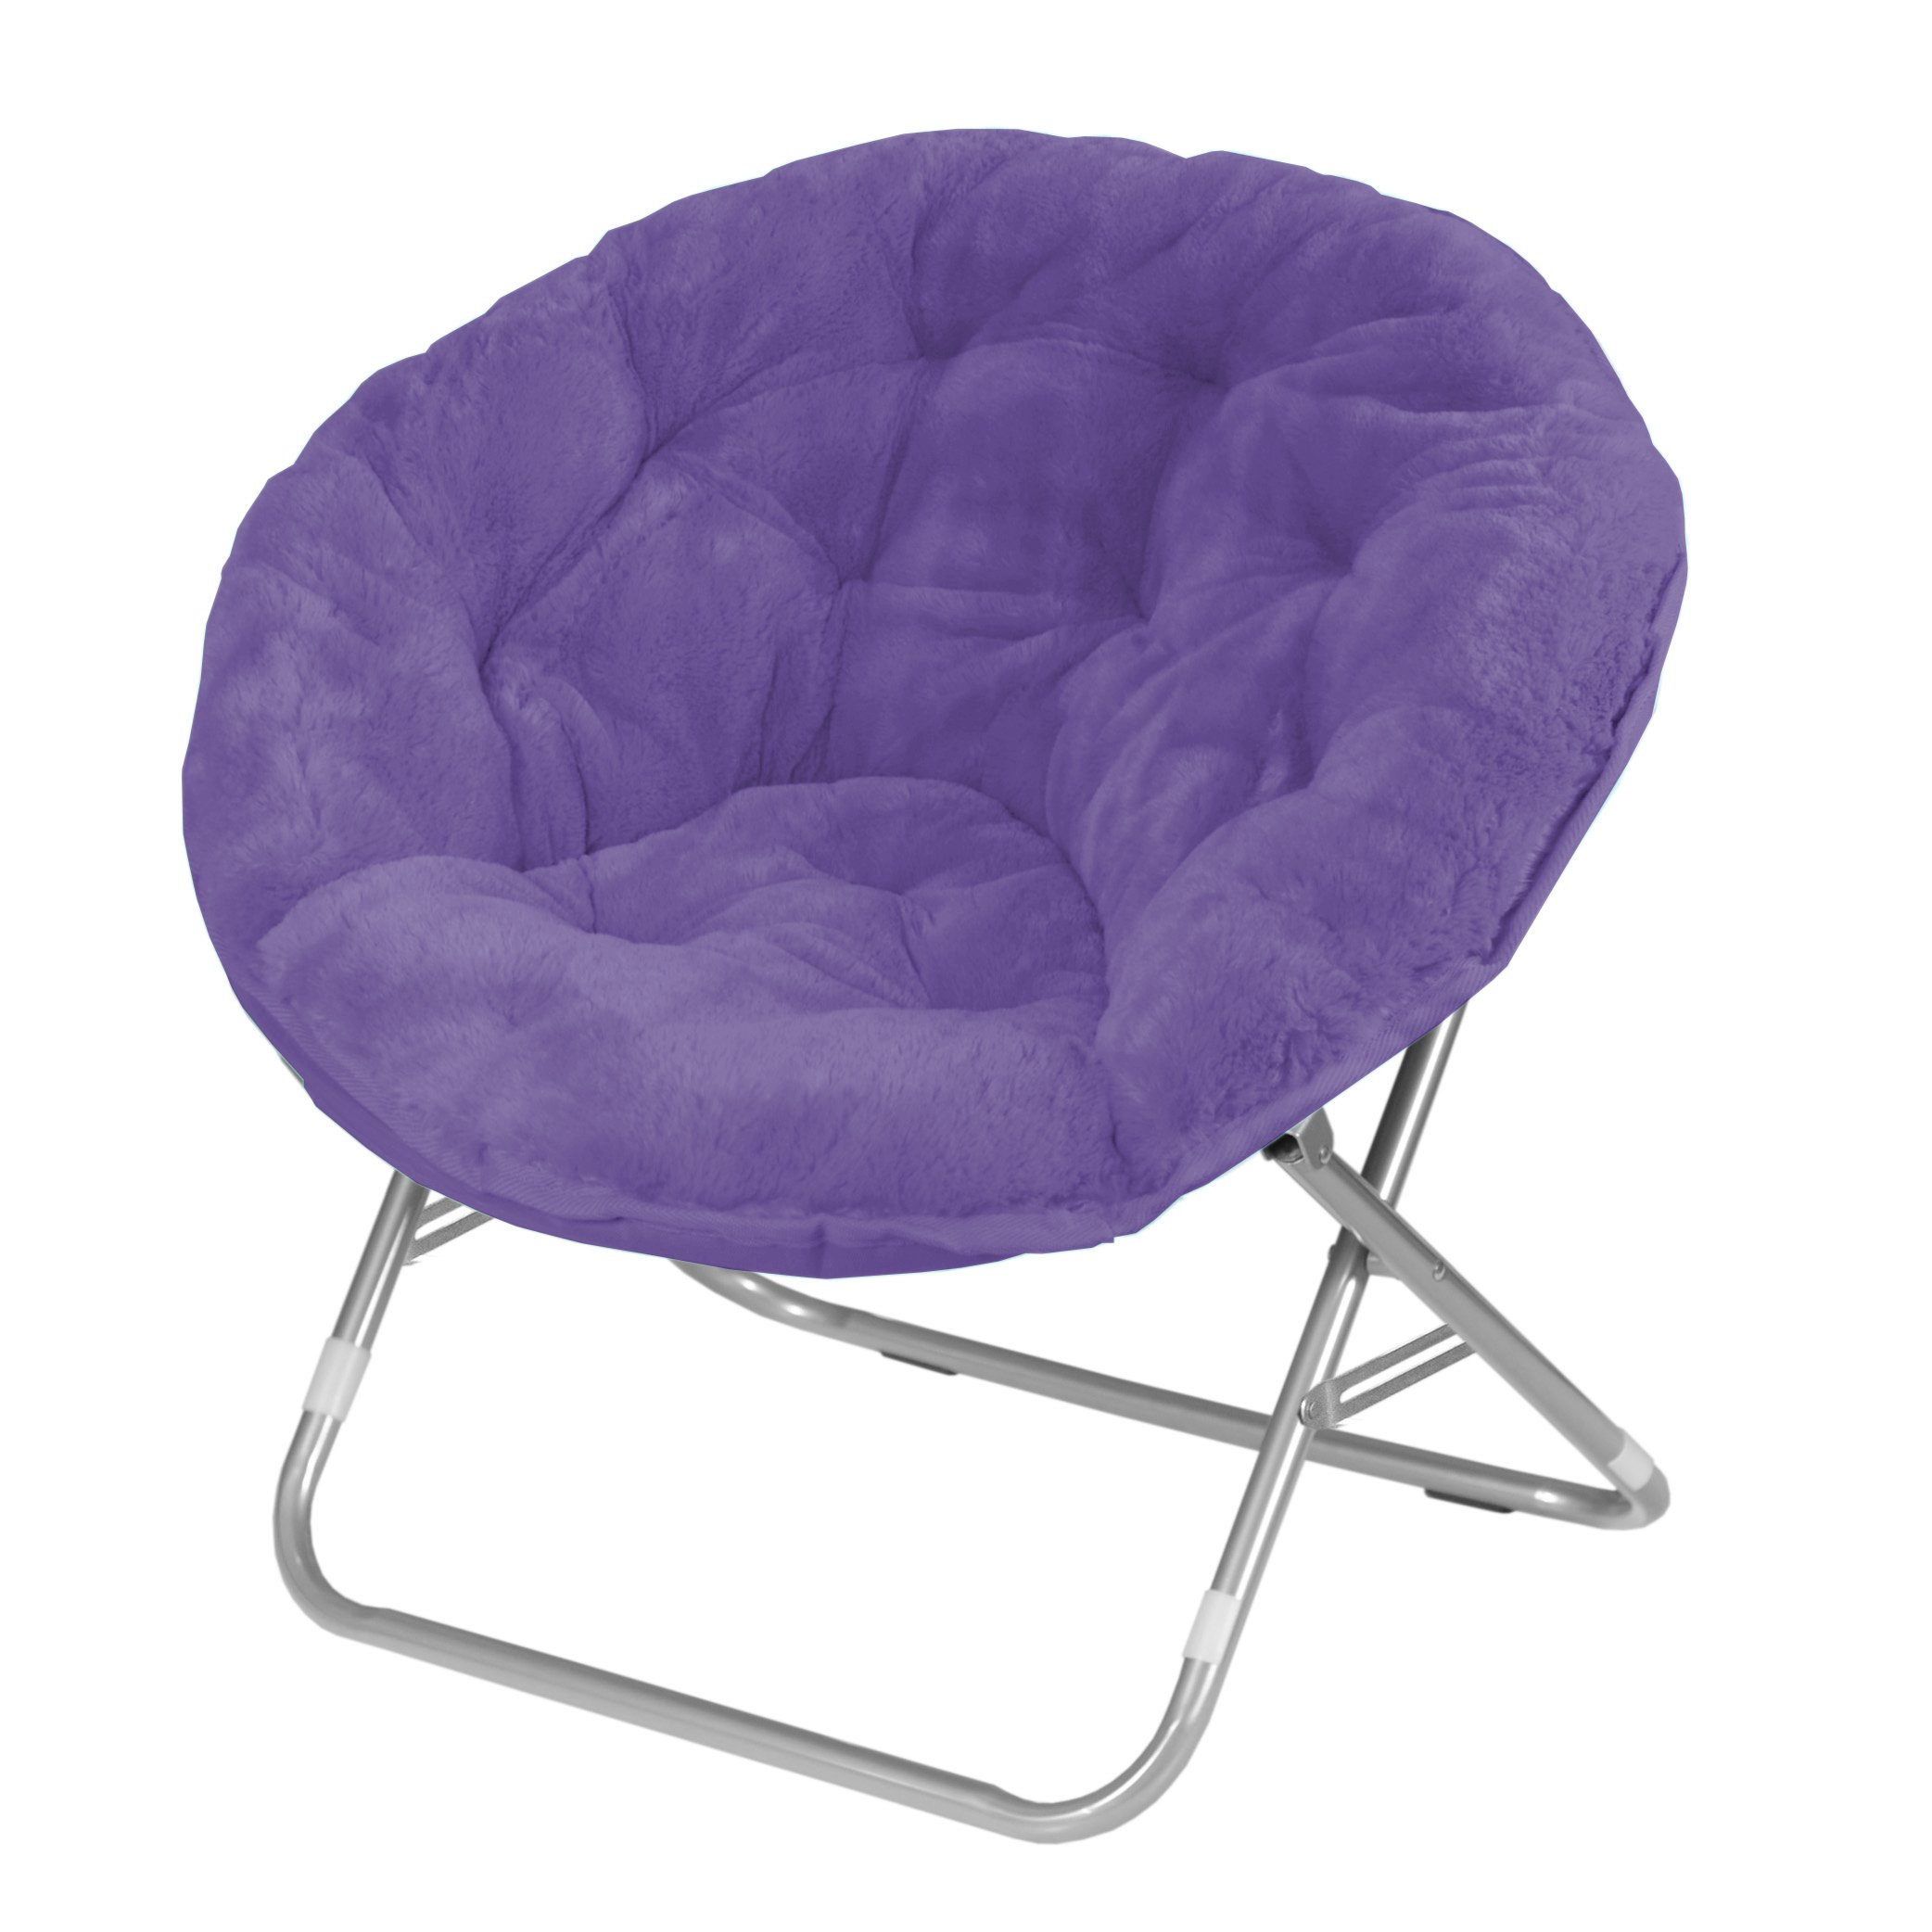 Urban Shop Faux Fur Saucer Chair, Purple by Urban Shop